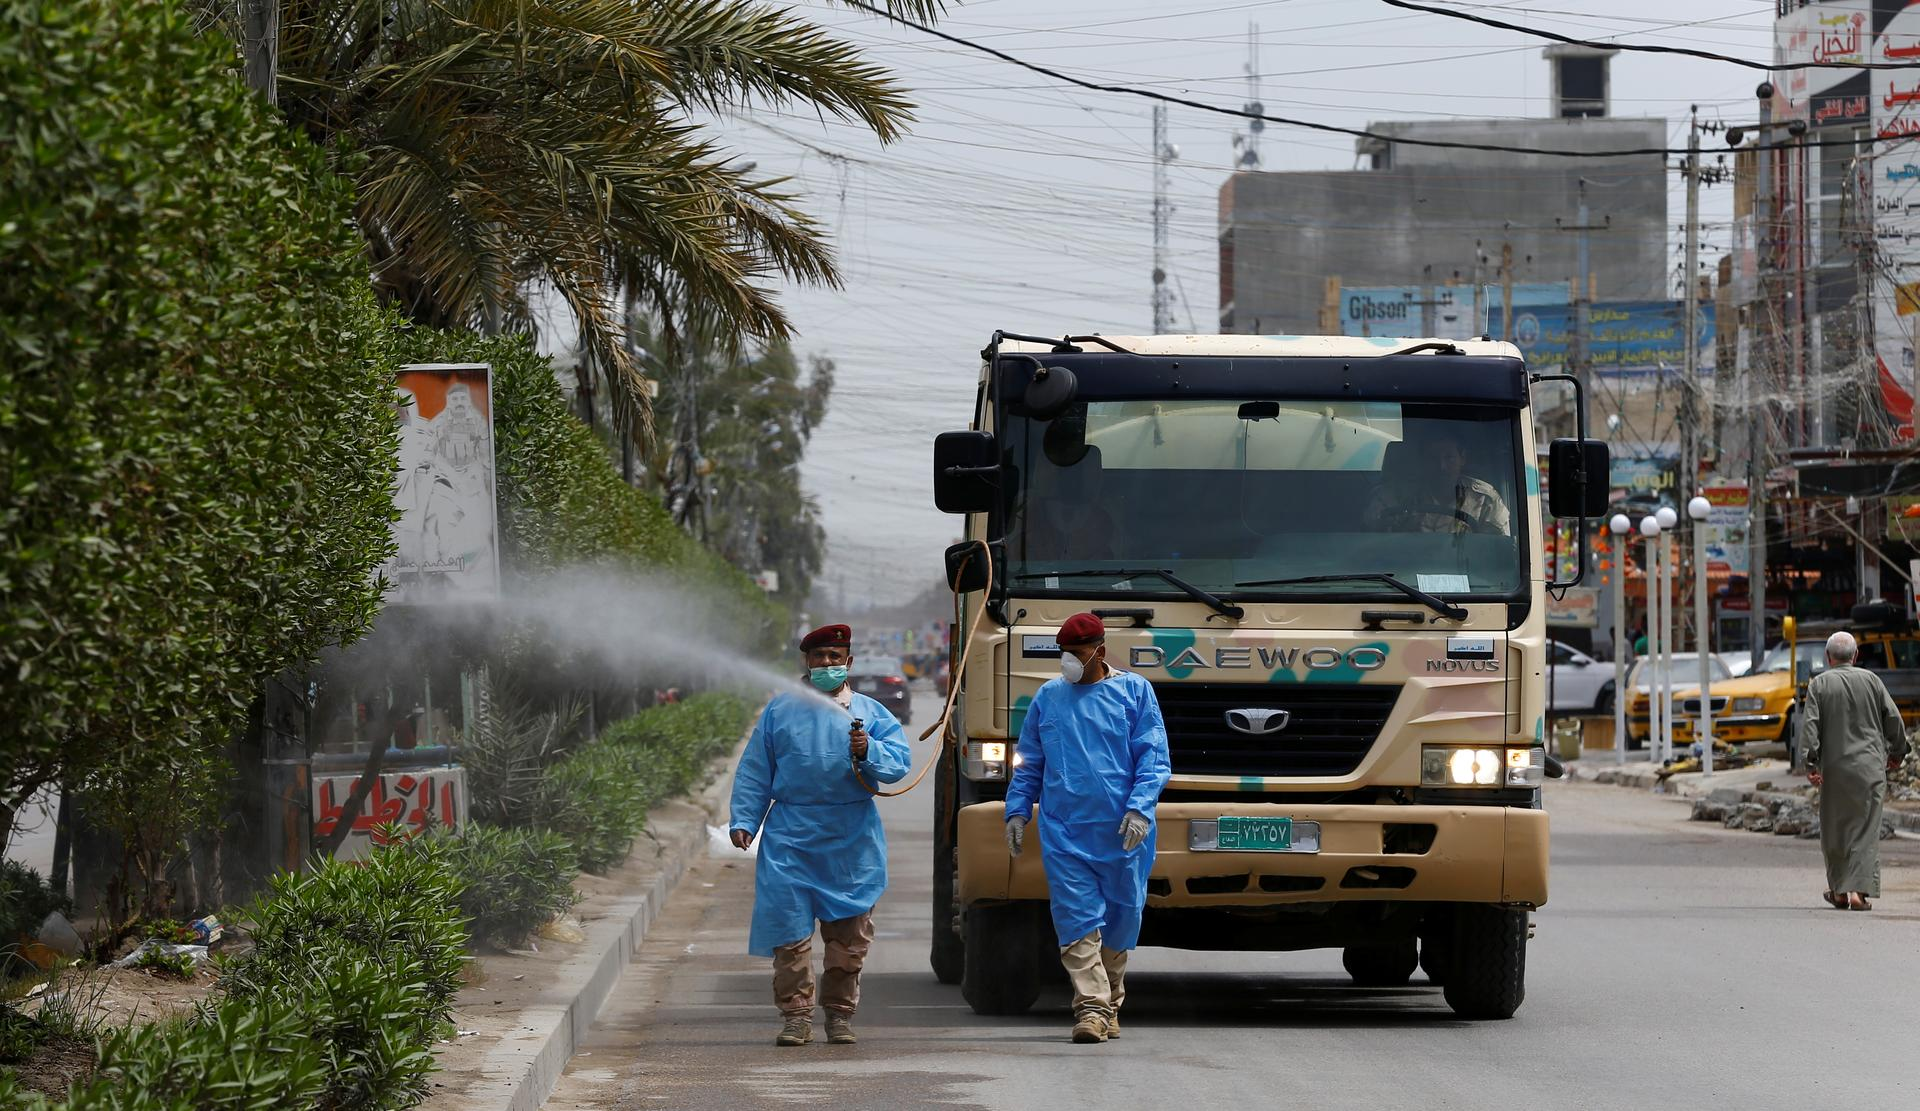 العراق يوقف وكالة رويترز عن العمل عقب تقرير يزعم إخفاء الأرقام الحقيقة لمصابي فيروس كورونا   أريبيان بزنس